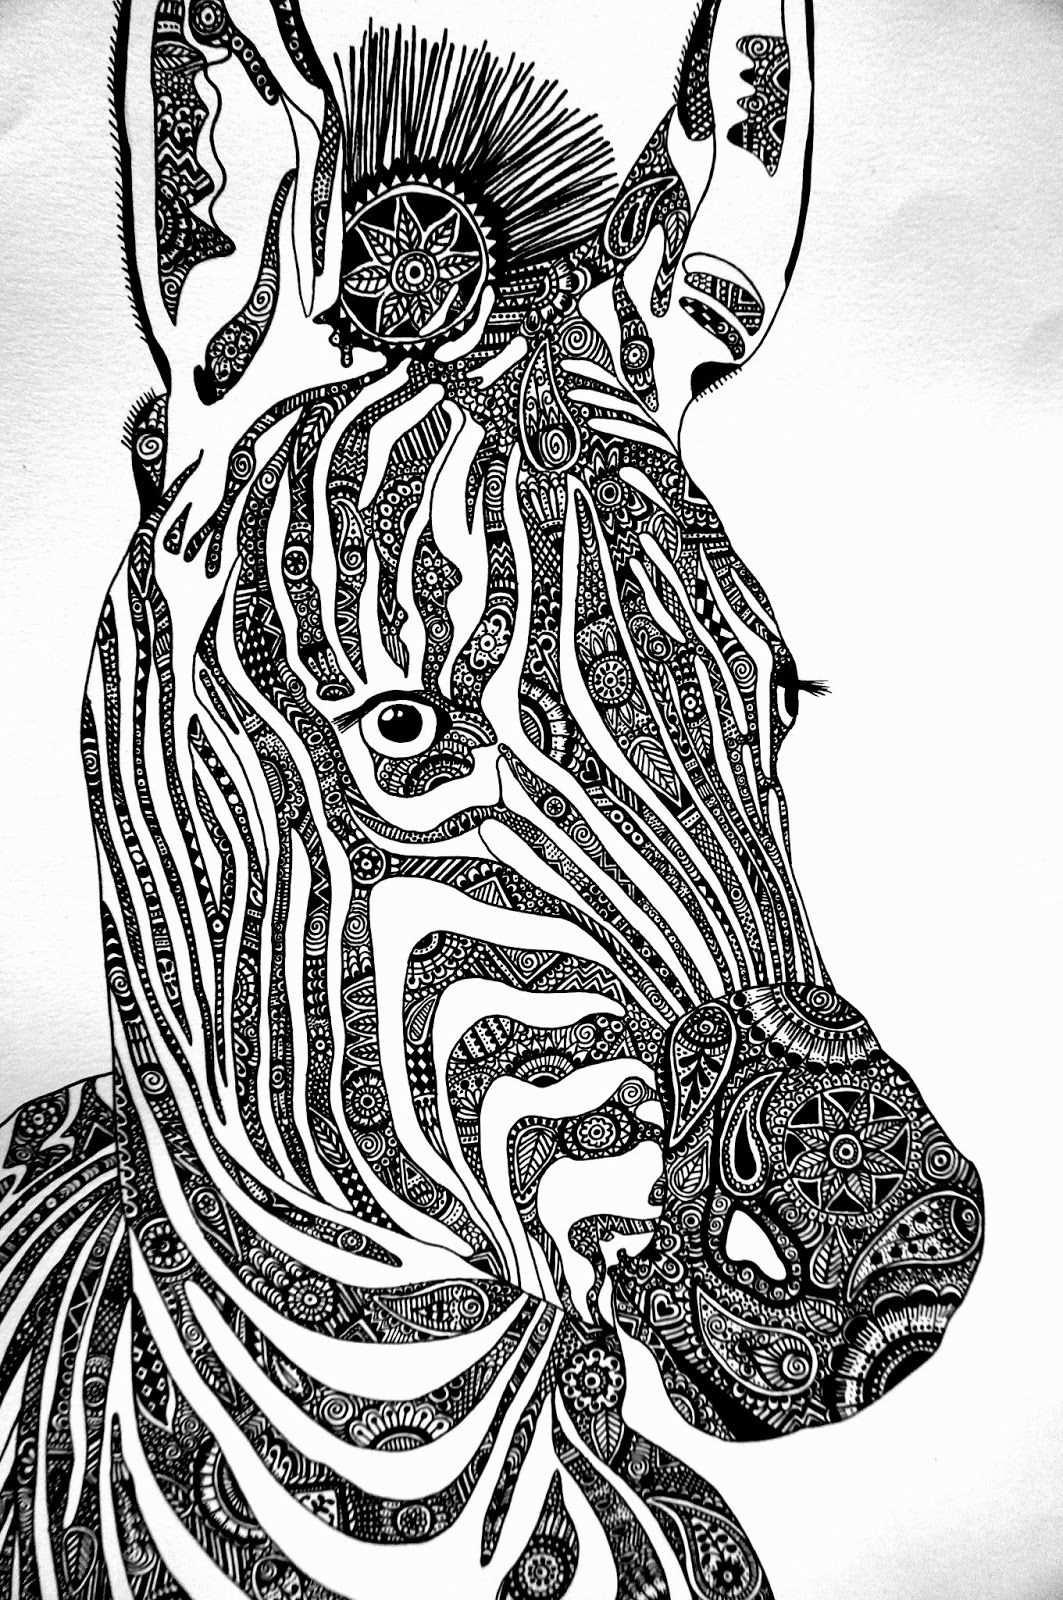 Twllllyat Met Afbeeldingen Zebra Tekening Dieren Patronen